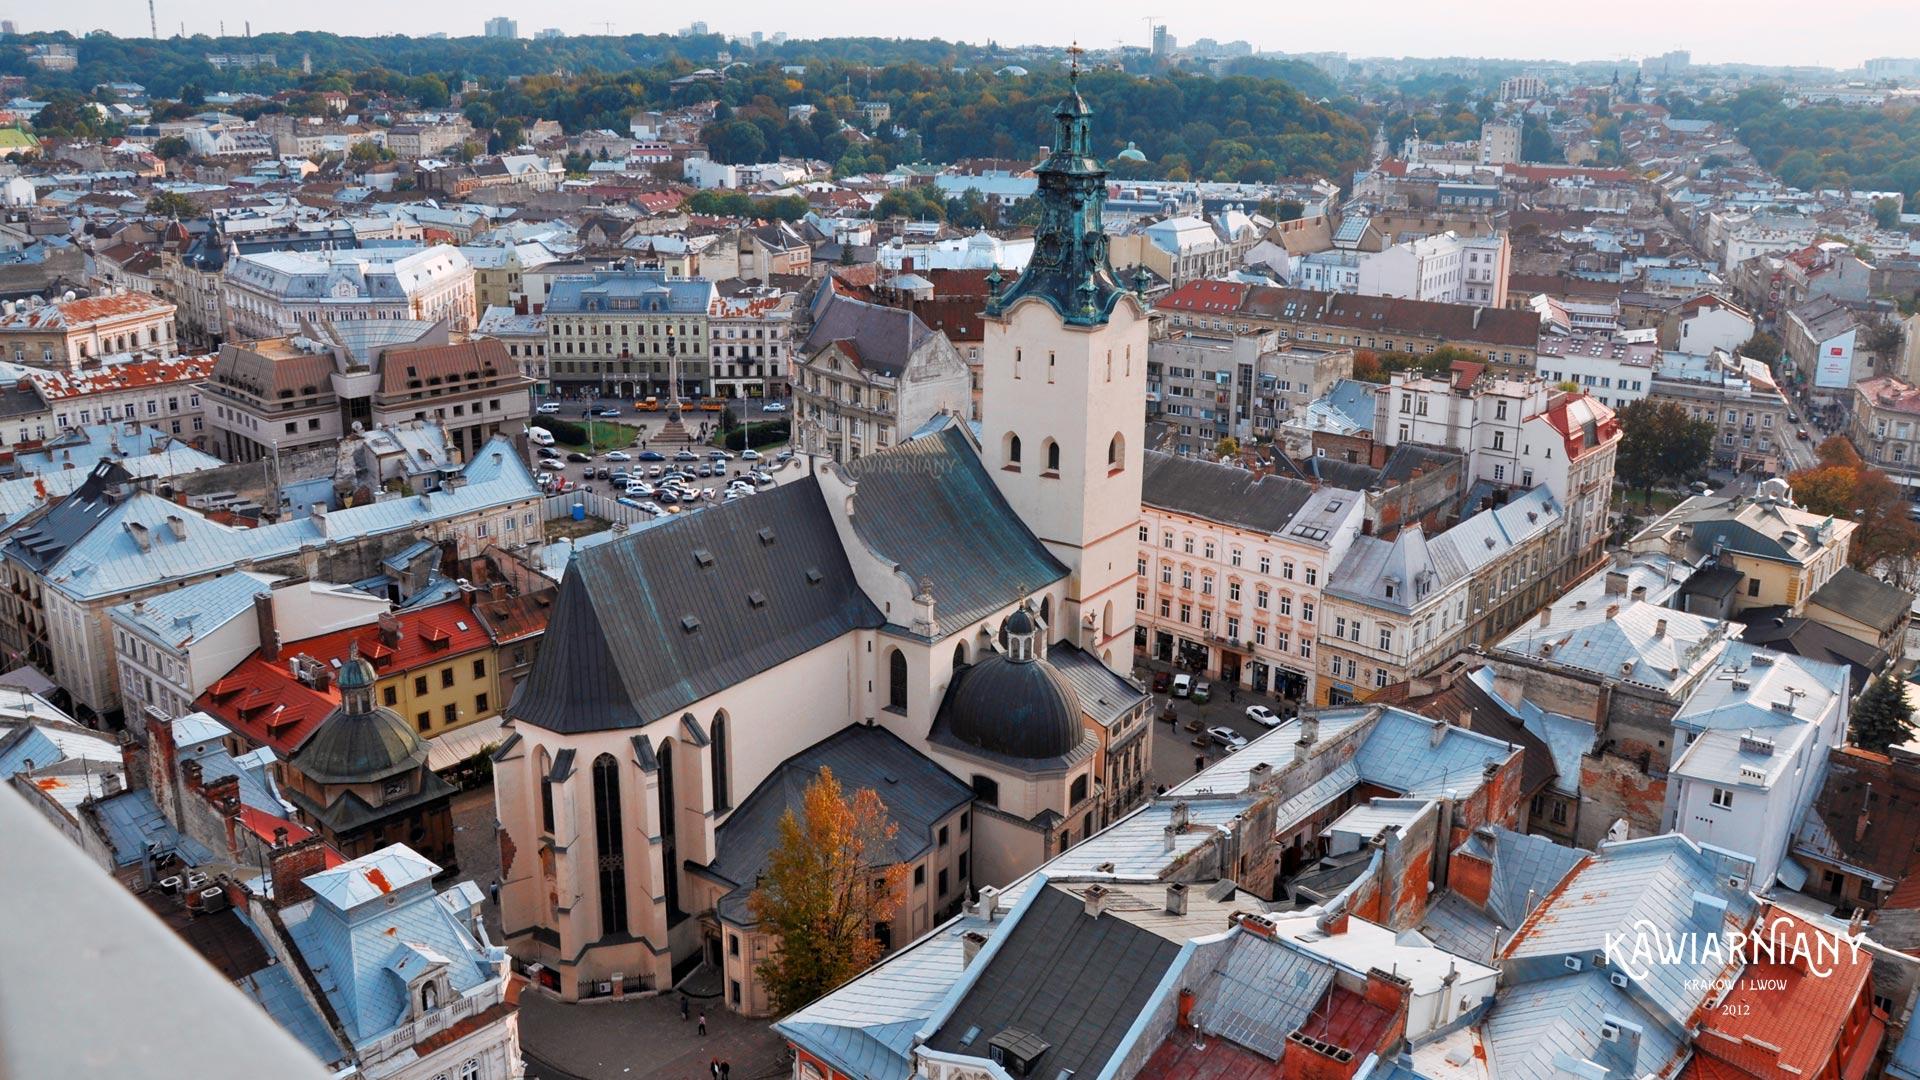 7 błędów, które popełniają jadący do Lwowa i na Ukrainę. Tego lepiej unikać!